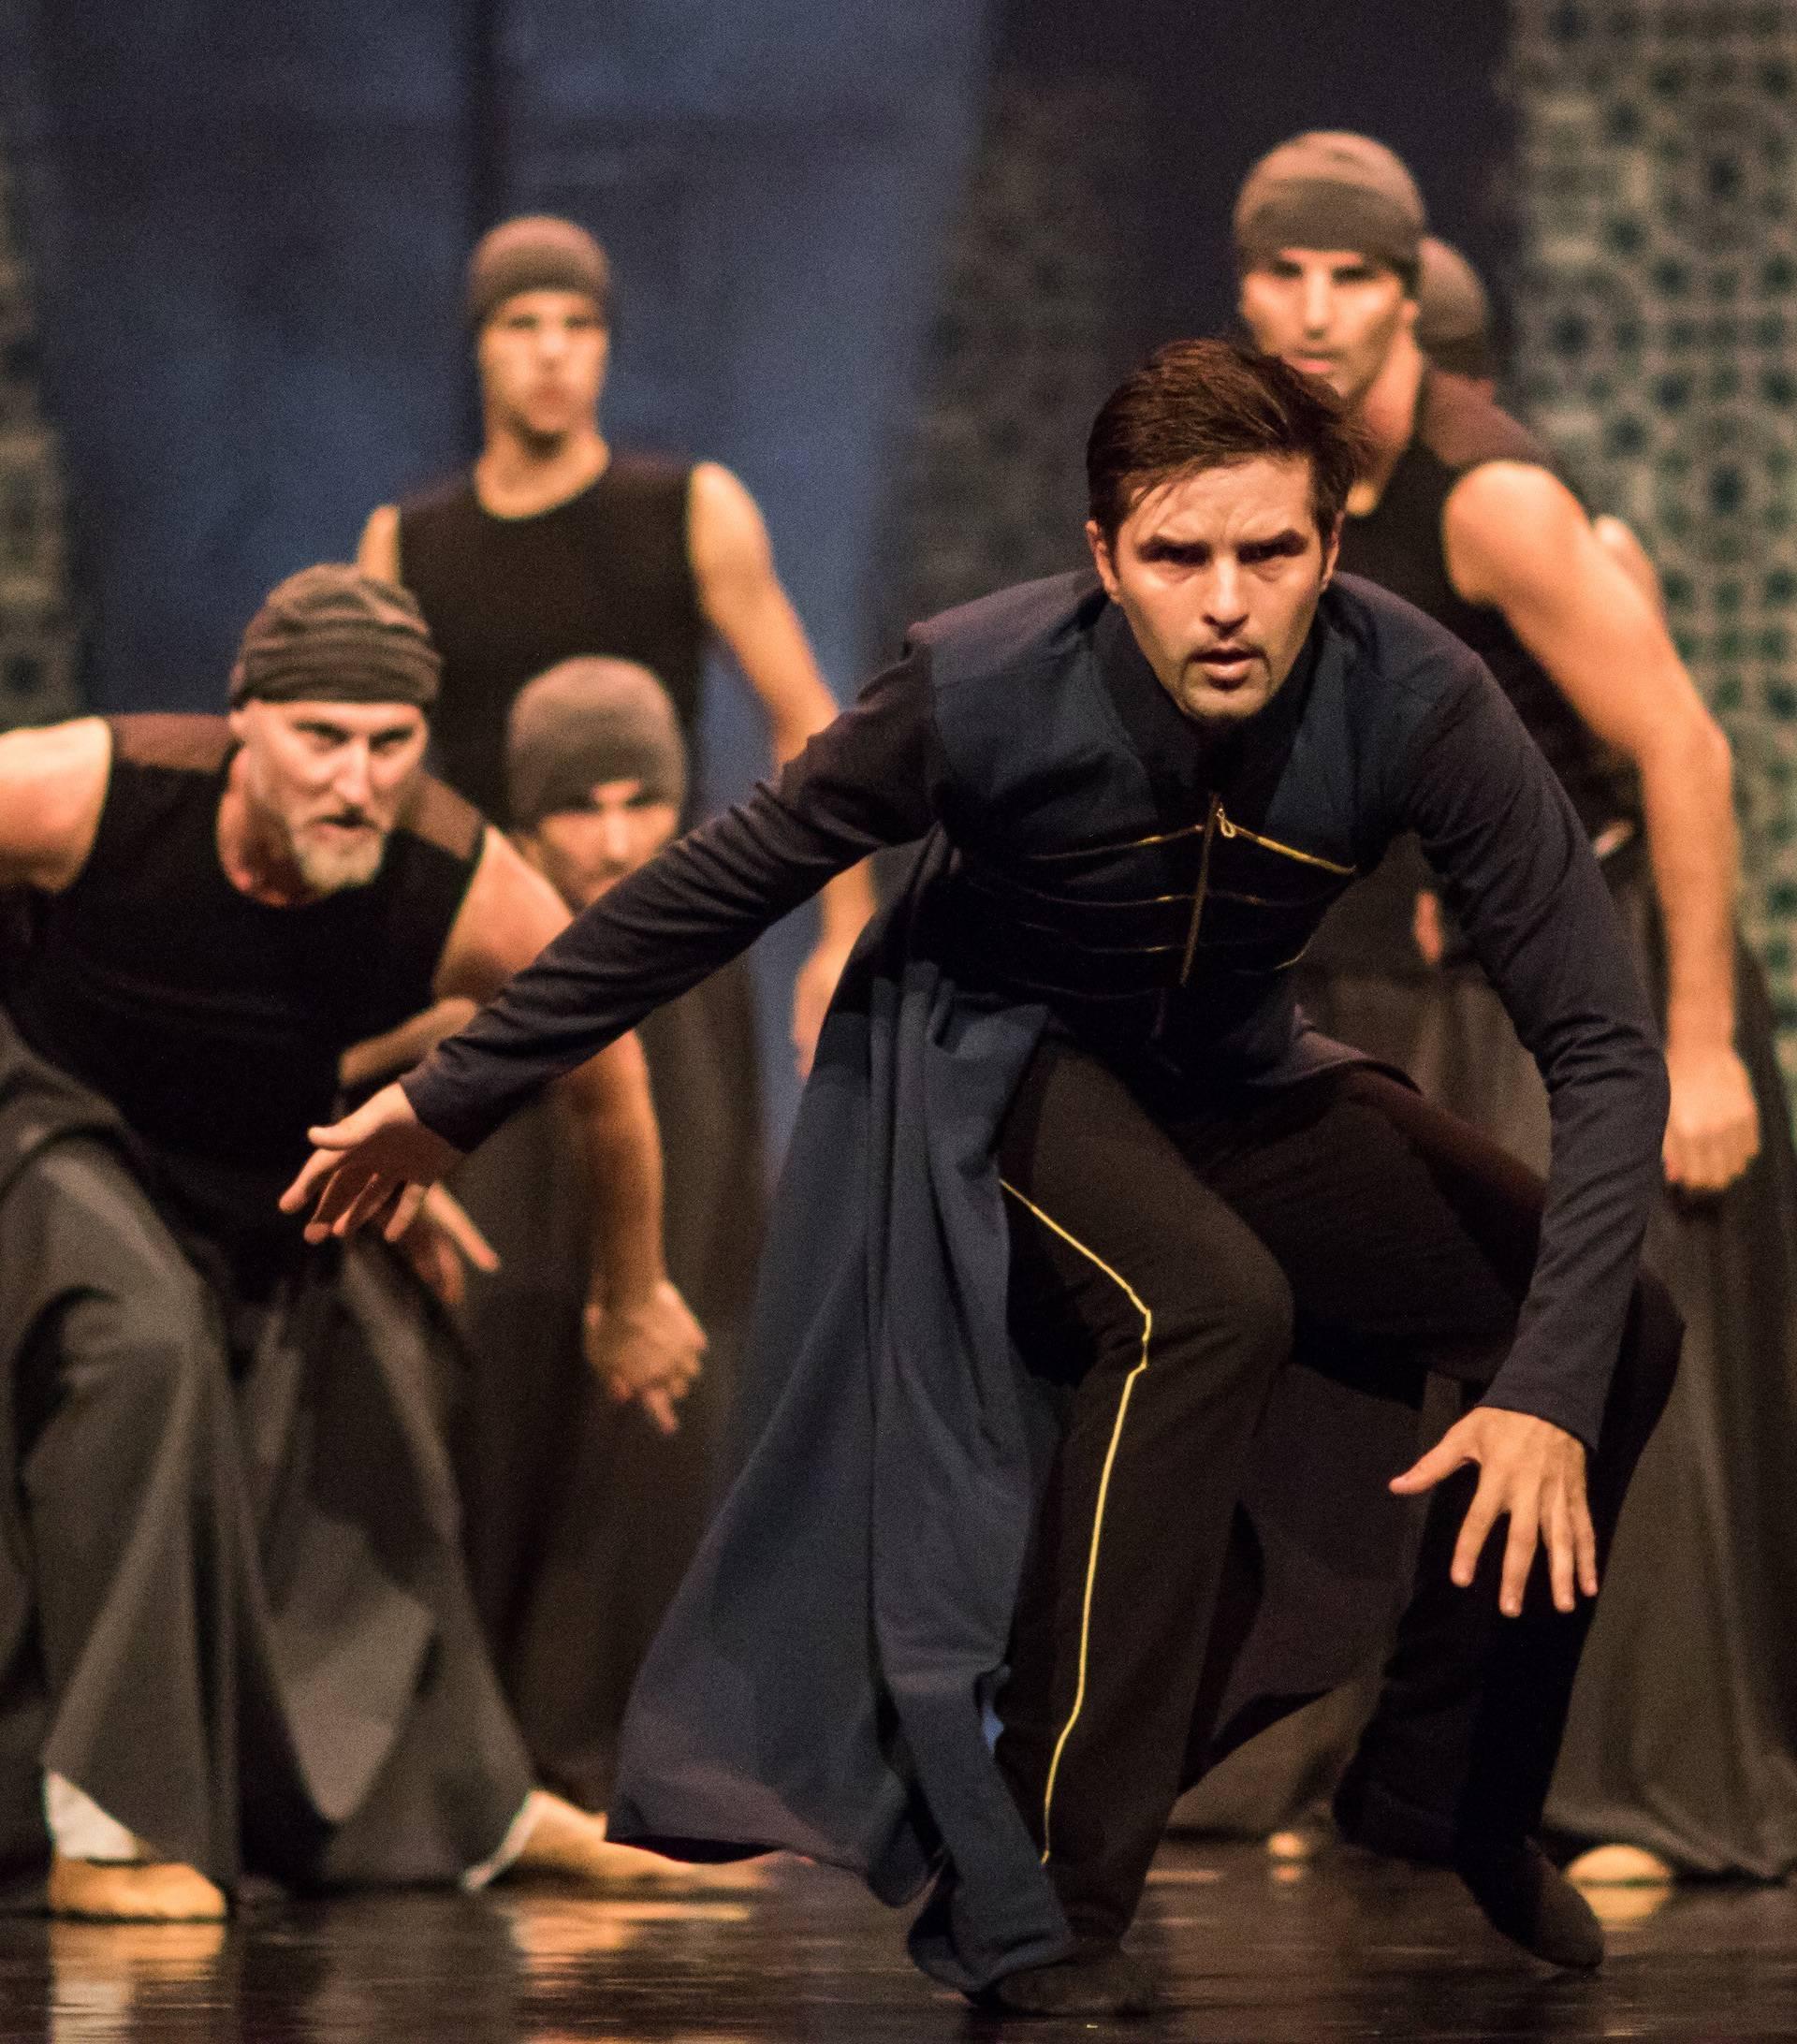 Derviš i smrt – spektakularno baletno uprizorenje  romana